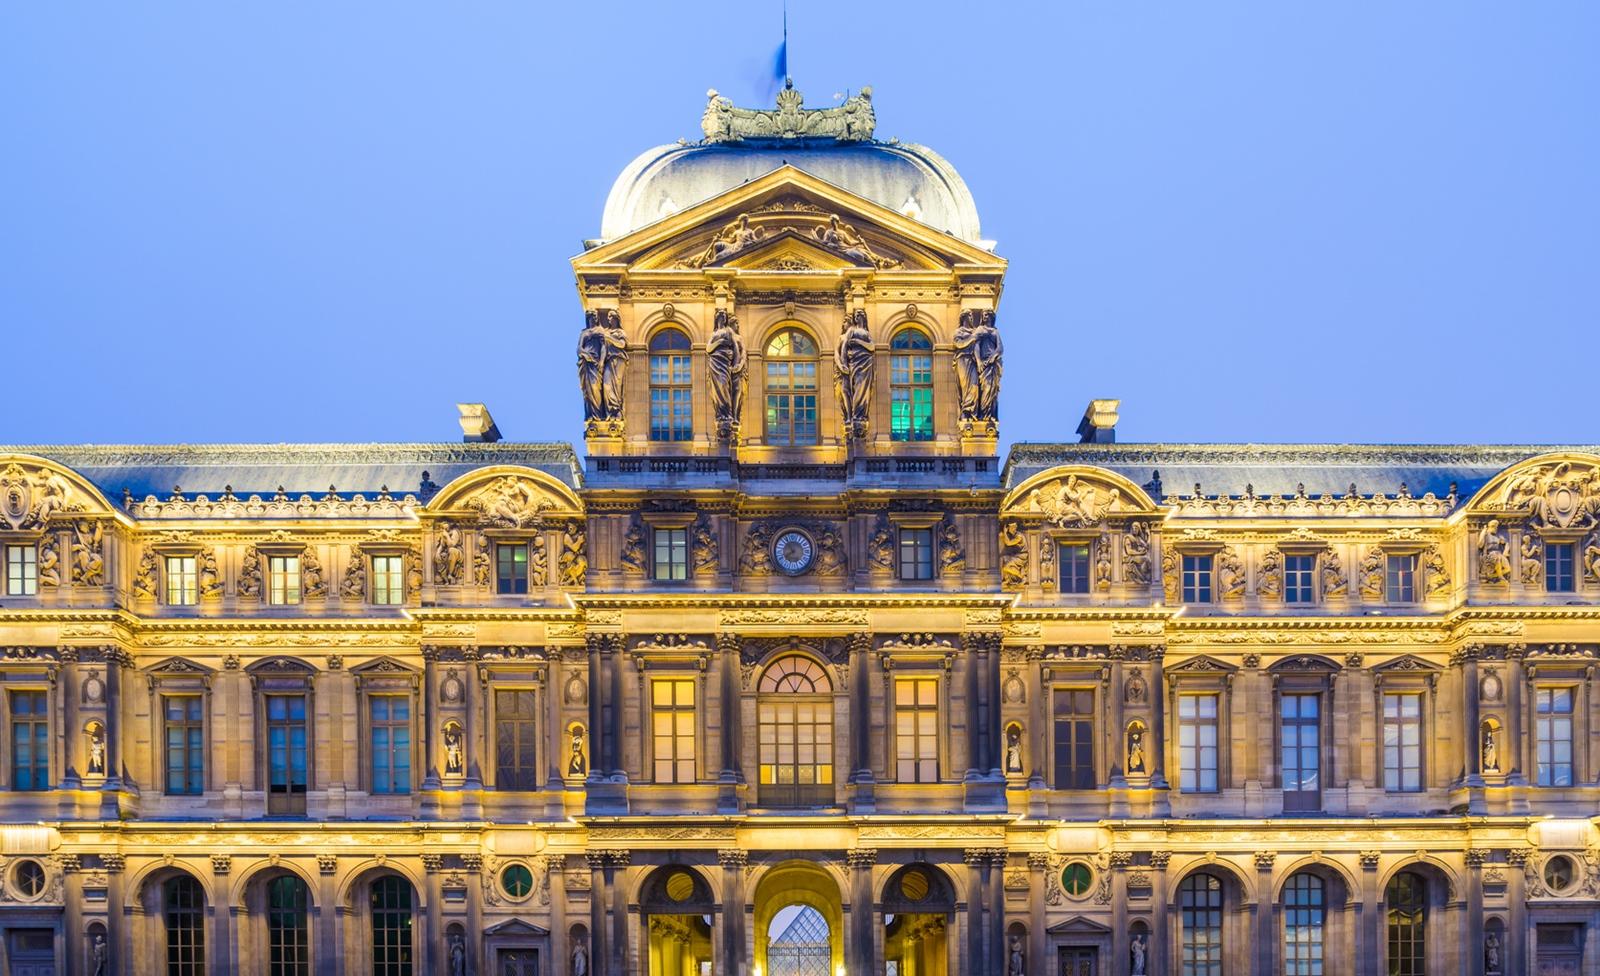 Museum im Louvre